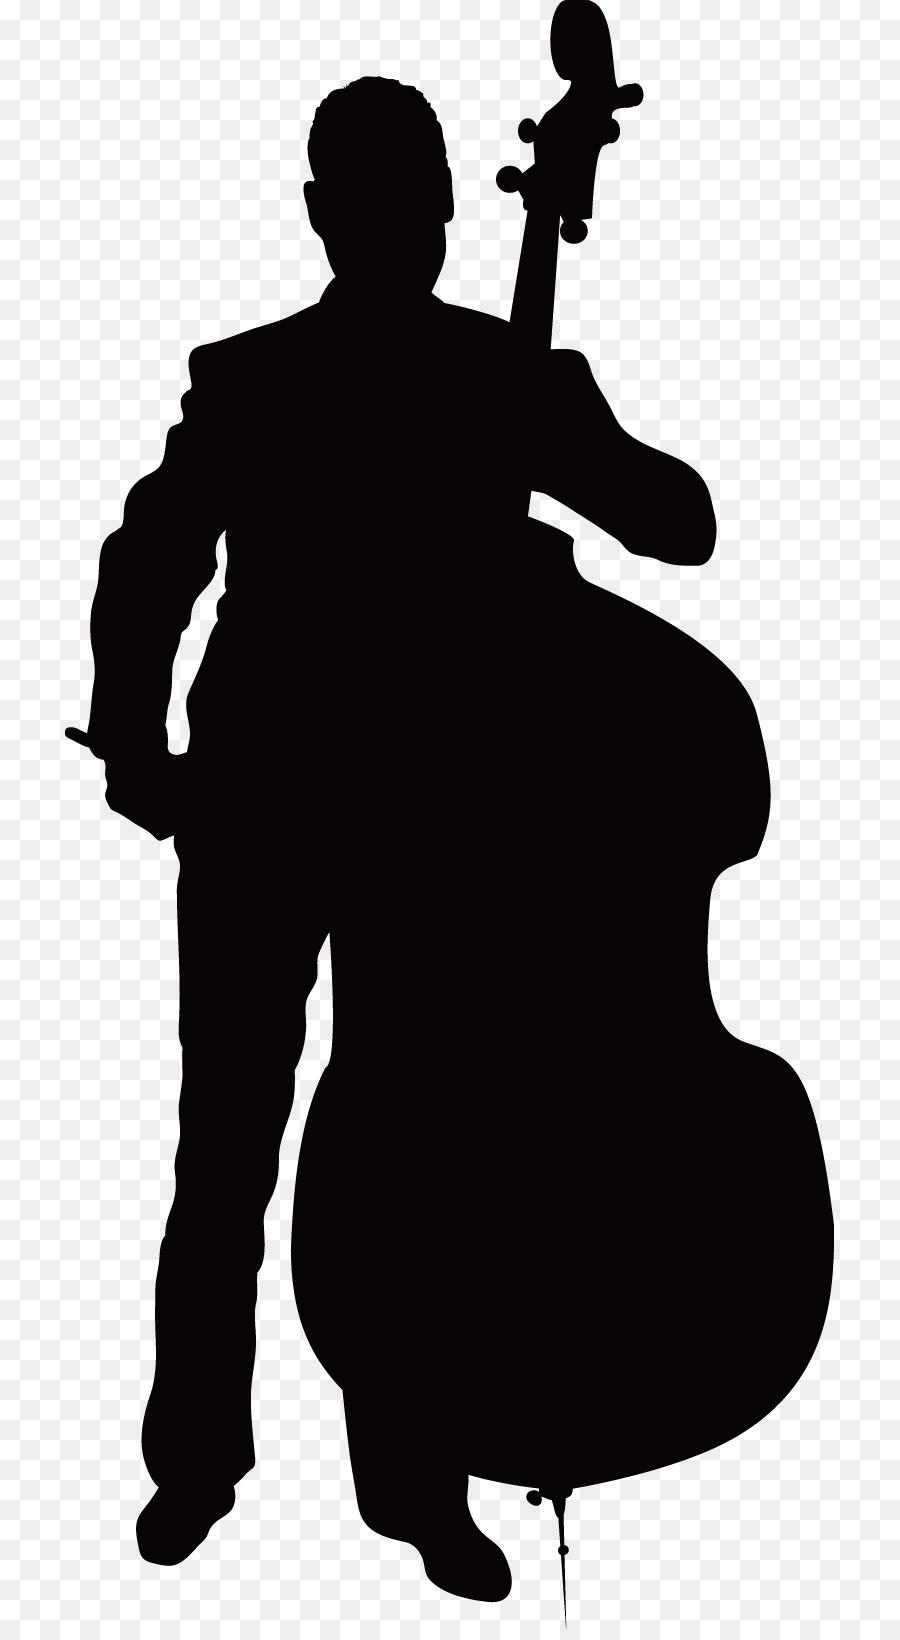 900x1640 Cello Silhouette Musical Instrument Violin